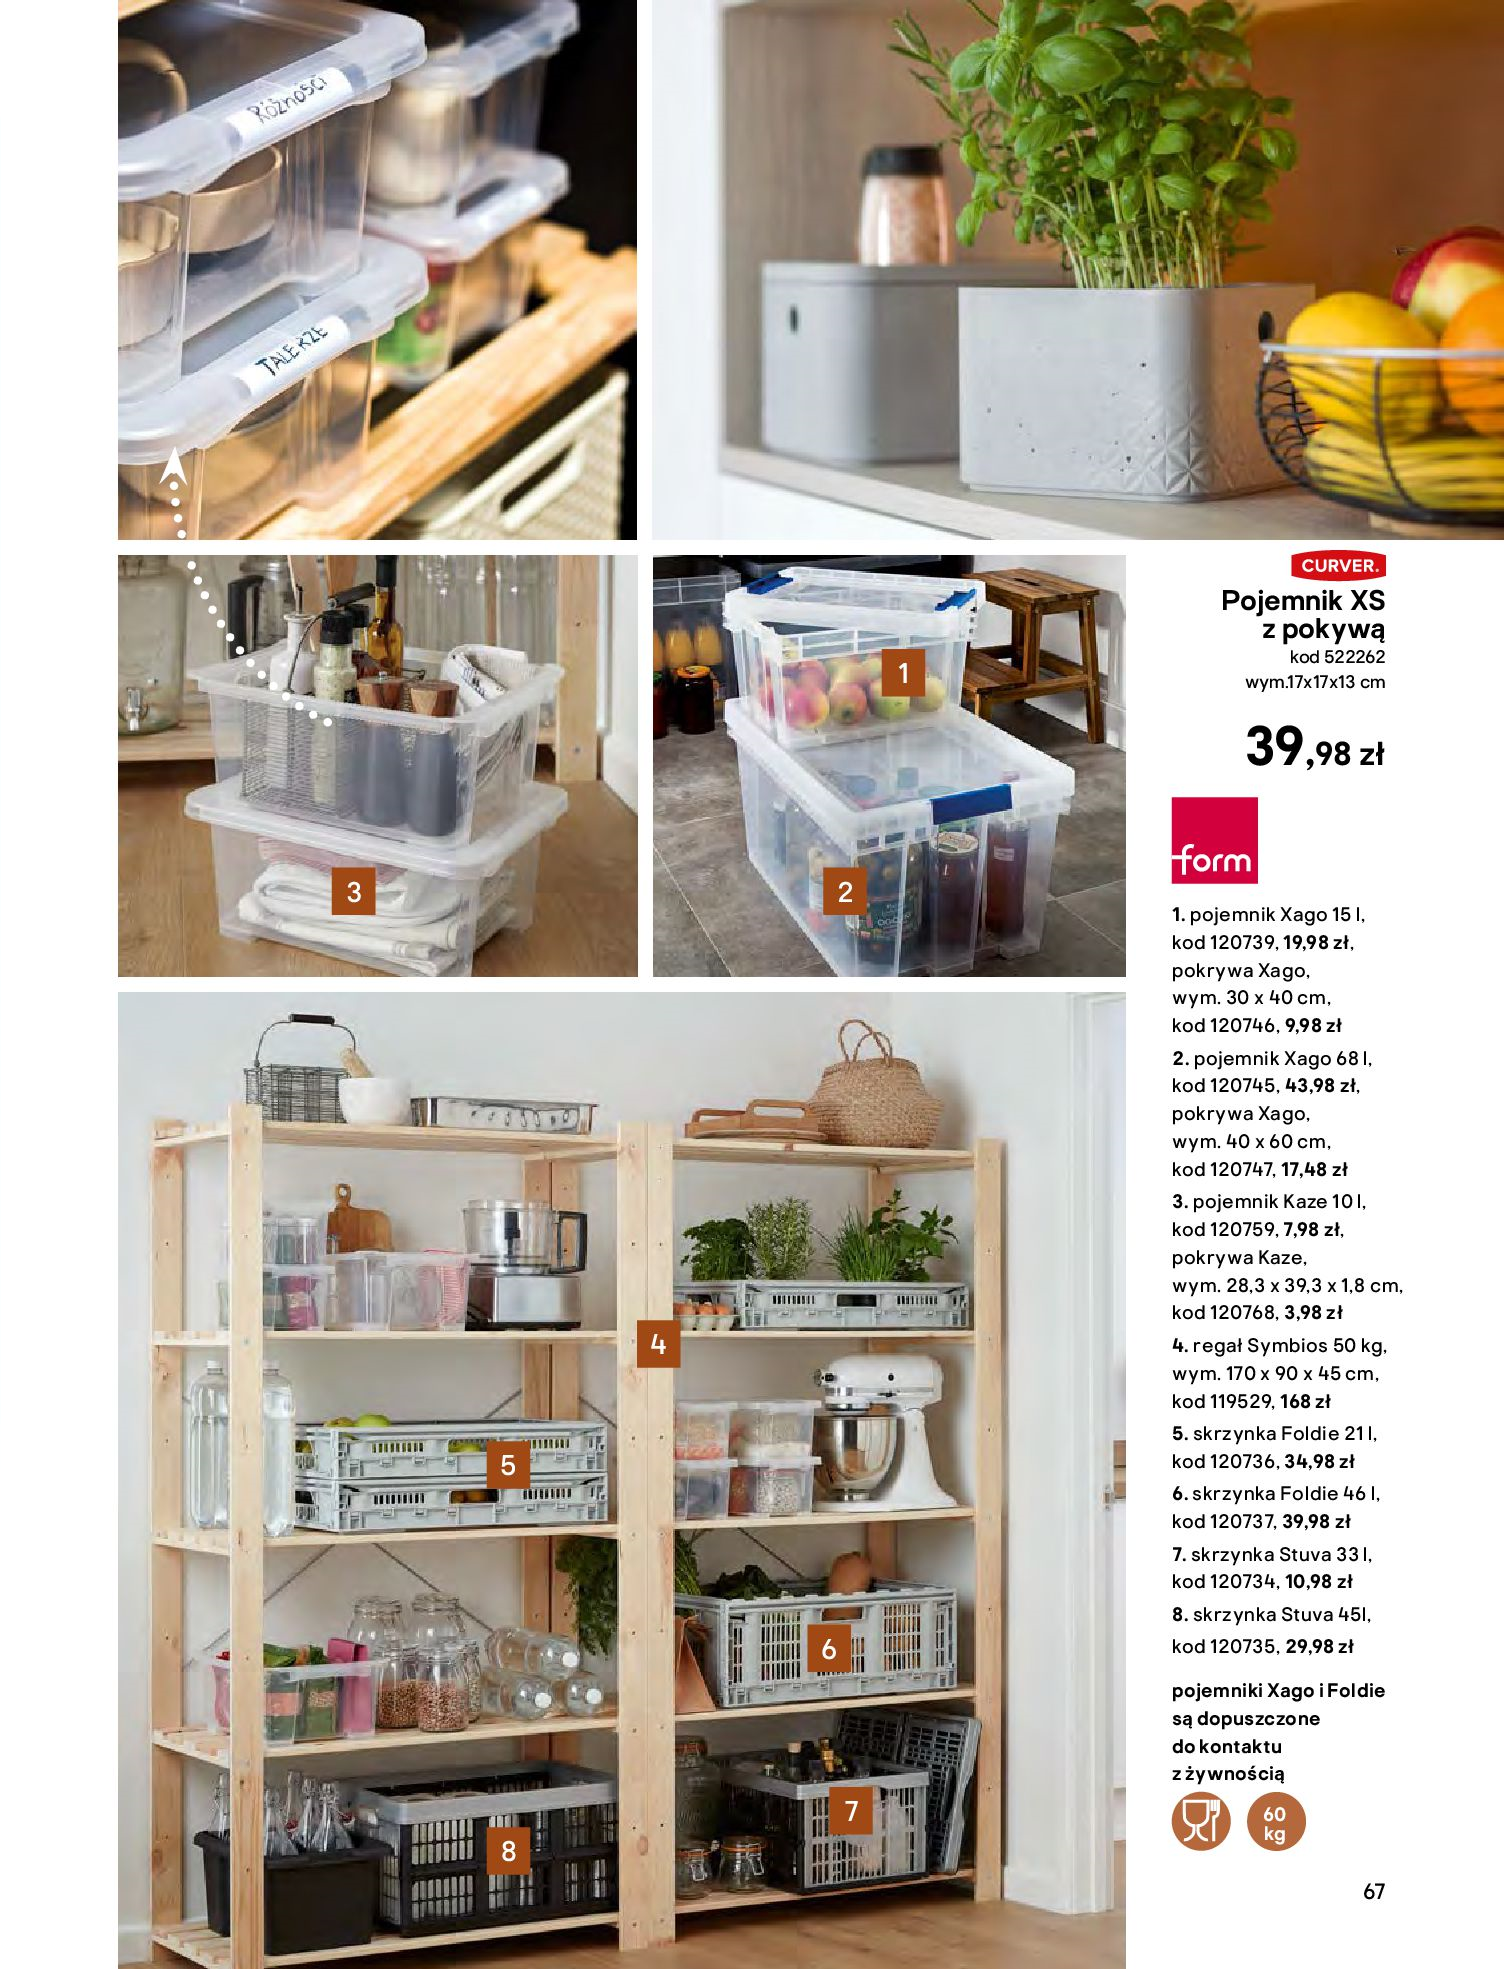 Gazetka Castorama - Katalog Kuchnie 2020-14.04.2020-31.12.2020-page-67